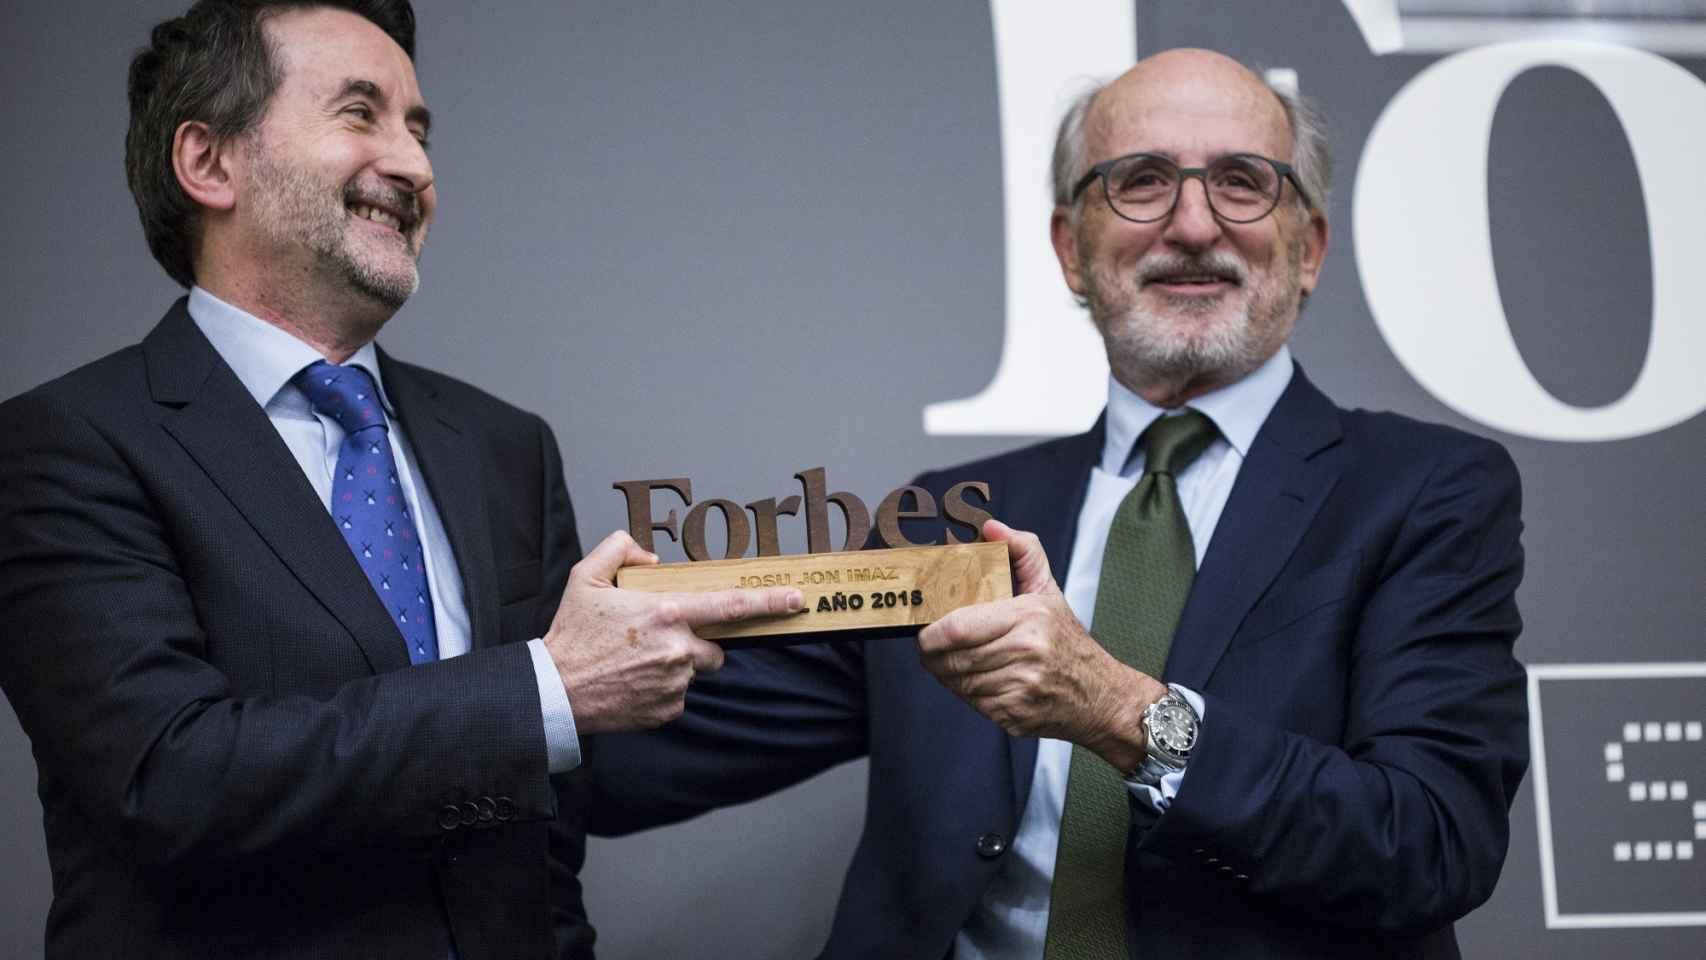 Josu Jon Imaz, CEO de Repsol, recibe el premio de manos de Antonio Brufau, presidente de la compañía.